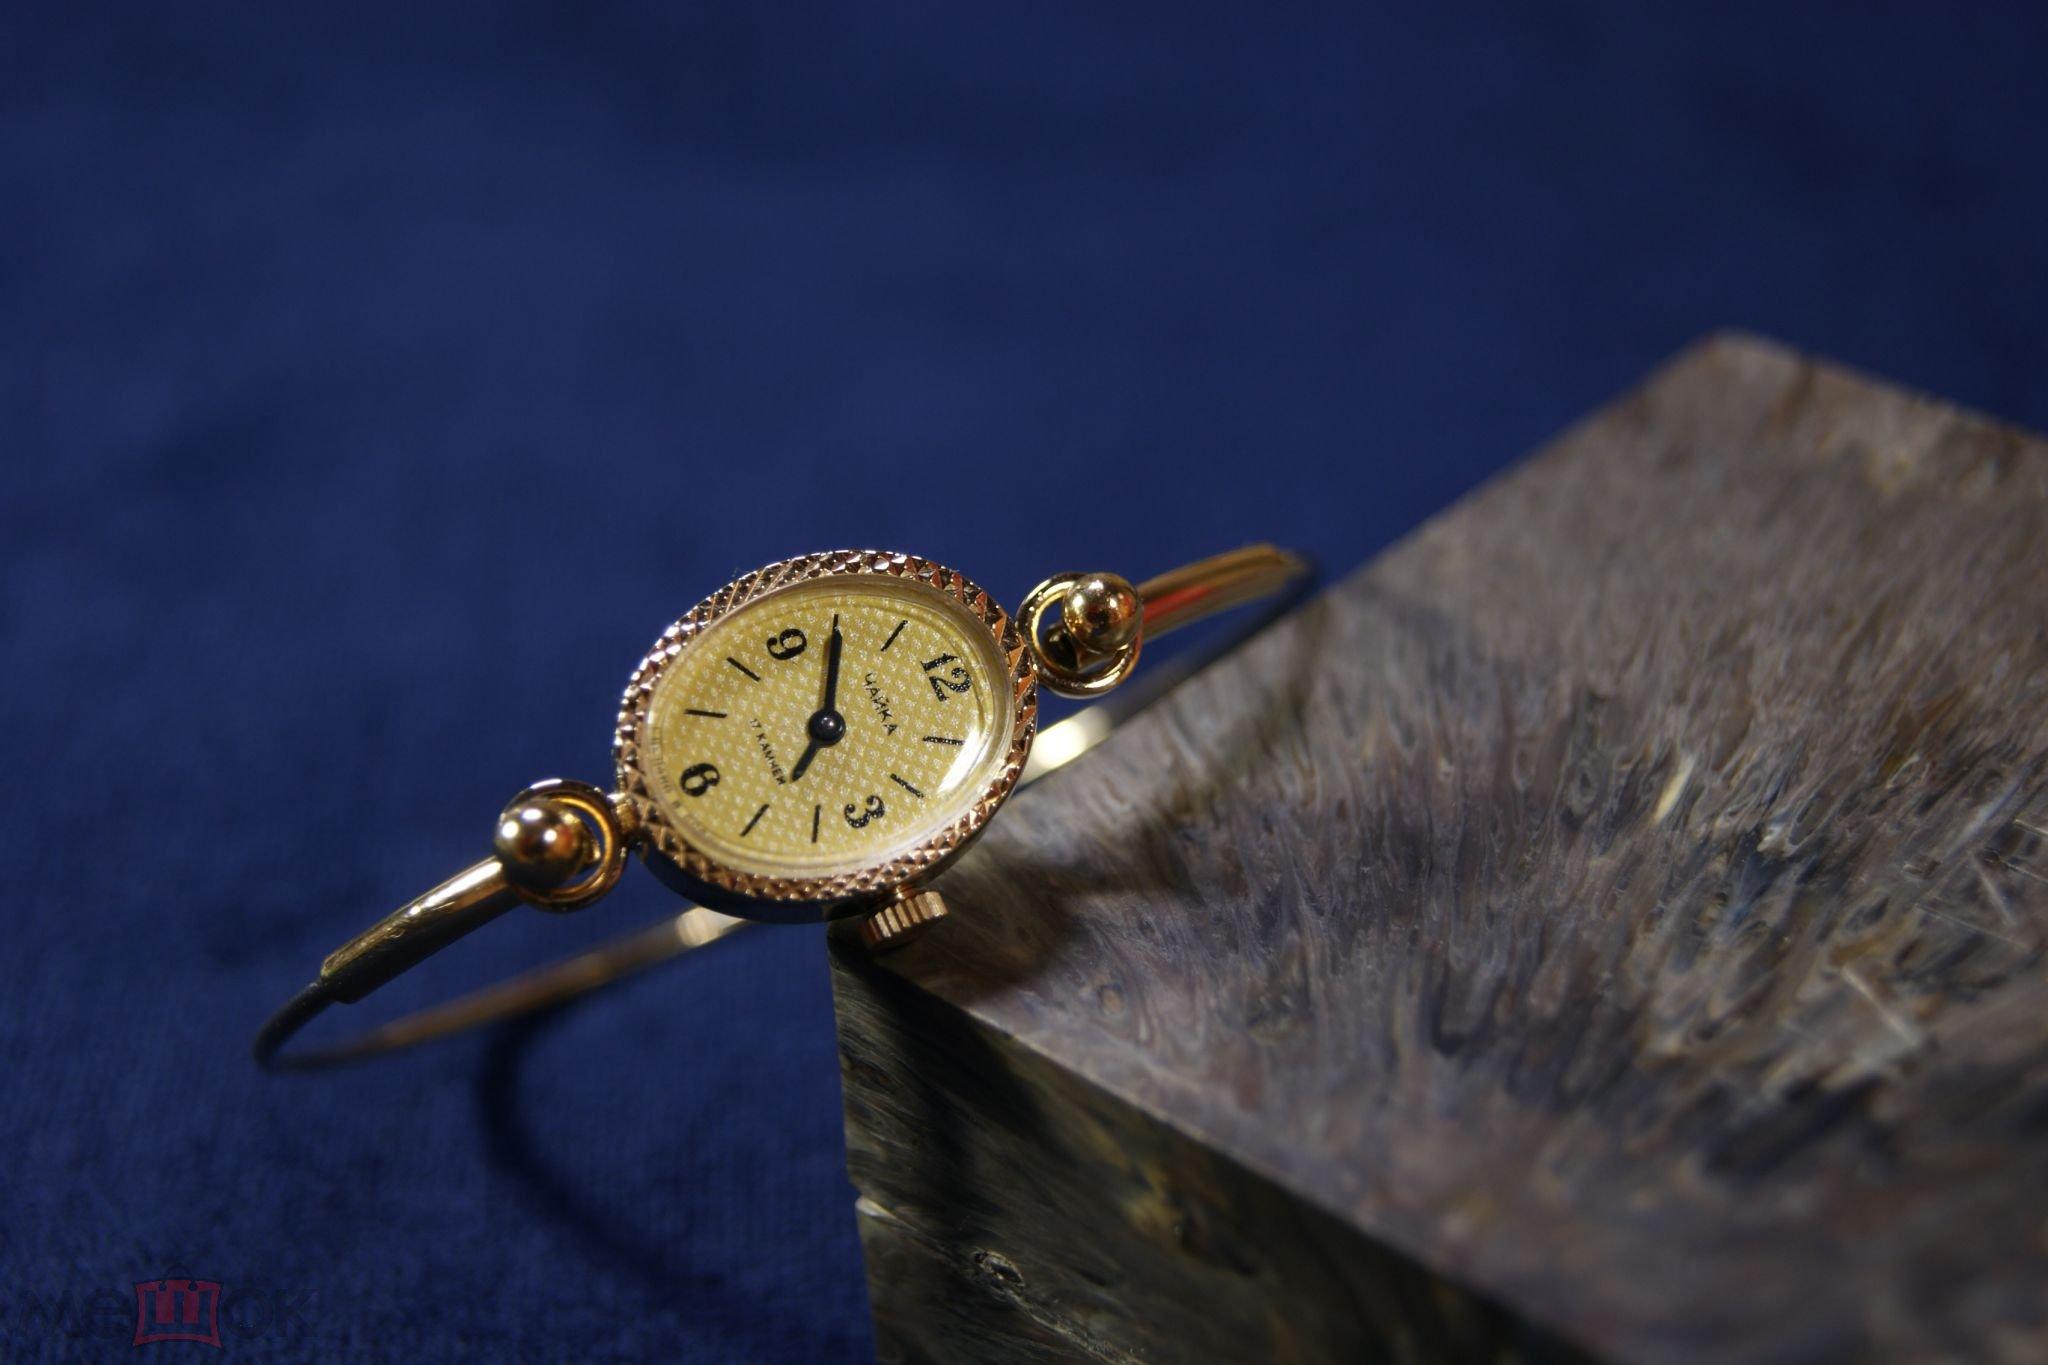 Нужно отремонтировать или поменять браслет, сами часы рабочие.